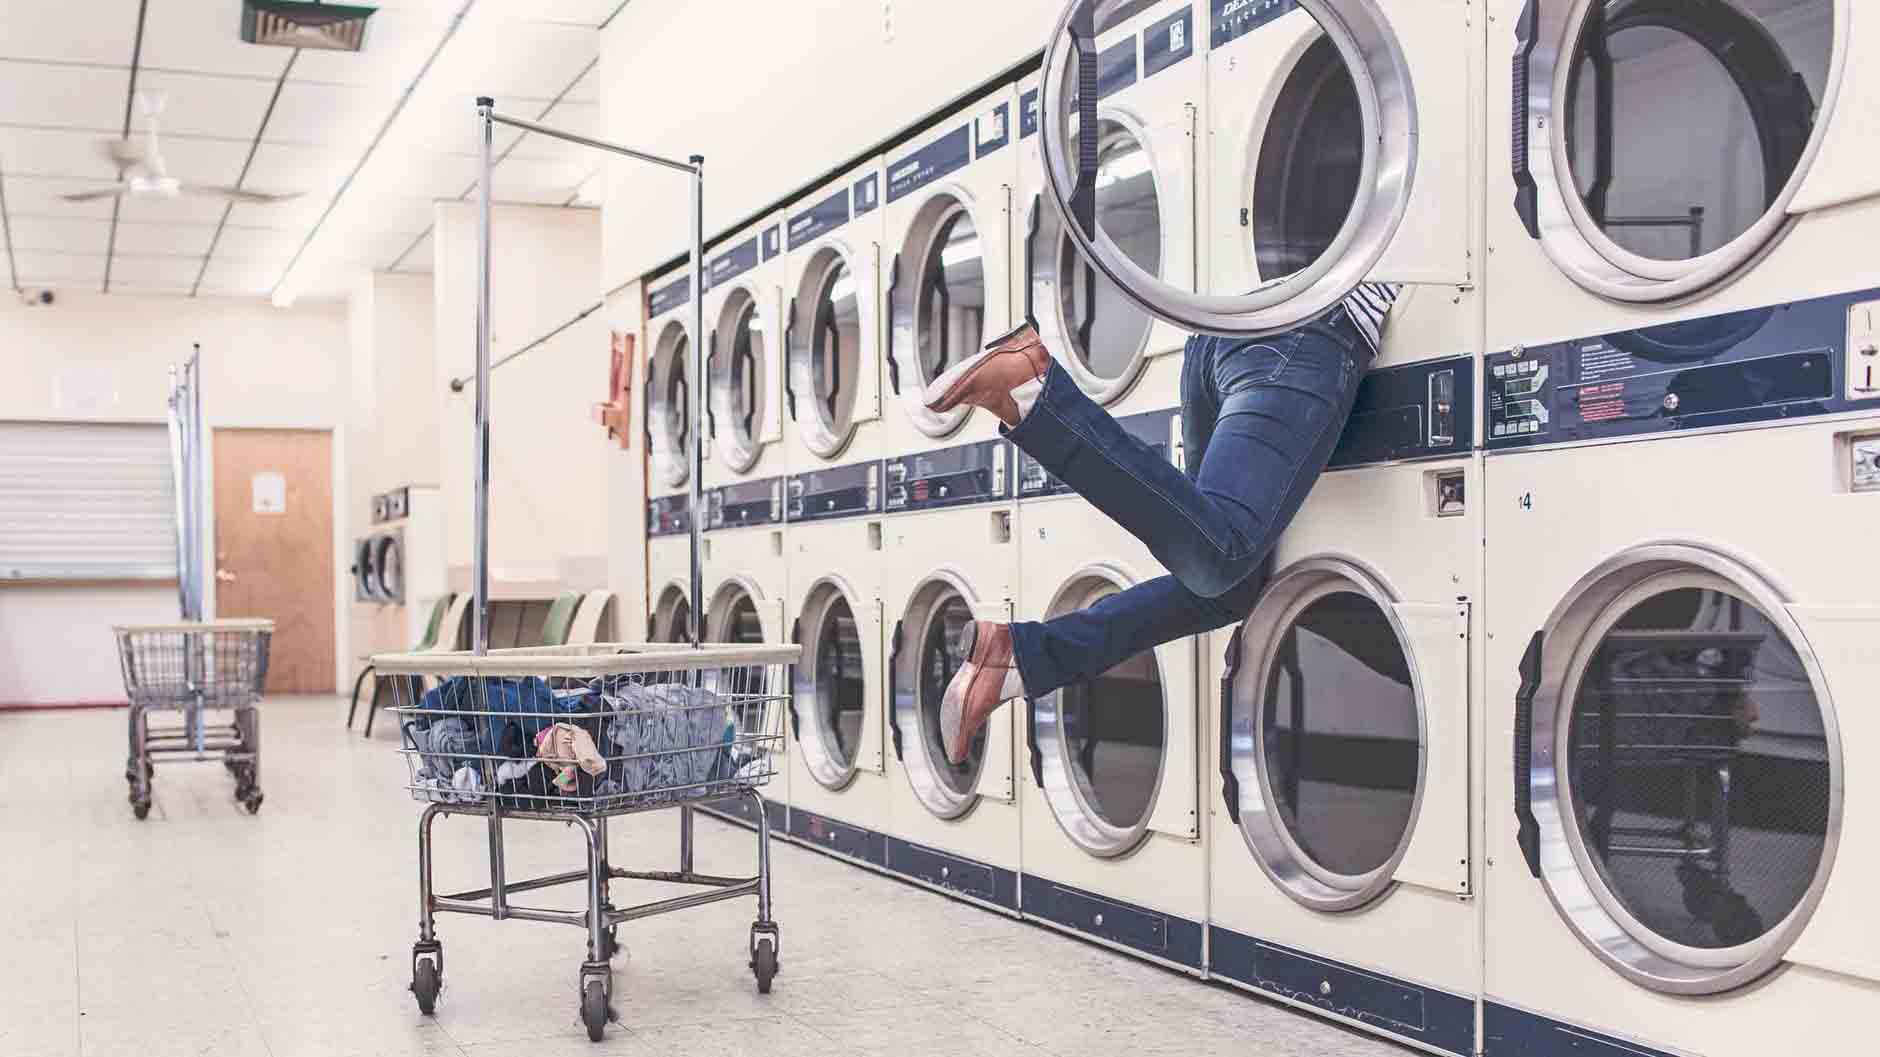 Πώς να επιλέξω το νέο μου πλυντήριο ρούχων; Αυτά τα 3 σημεία πρέπει να προσέξεις.